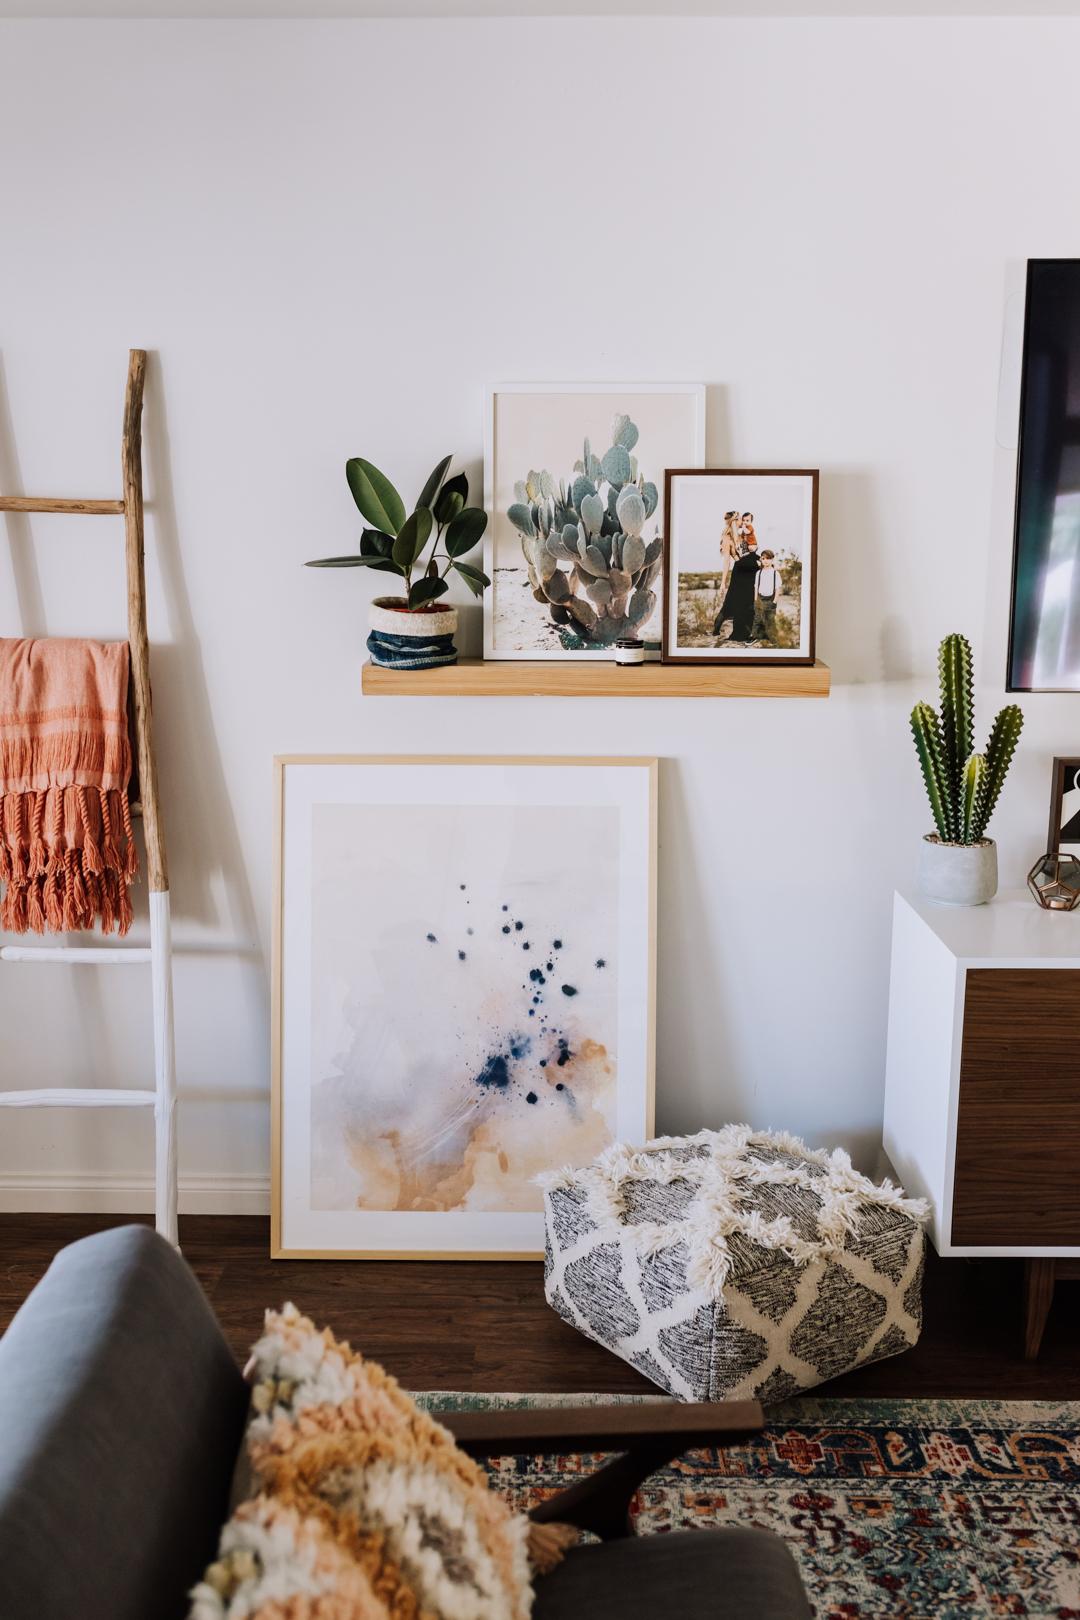 all artwork came from minted.com! | thelovedesignedlife.com #mintedart #theldlhome #livingroom #interiordesign #bohomodern